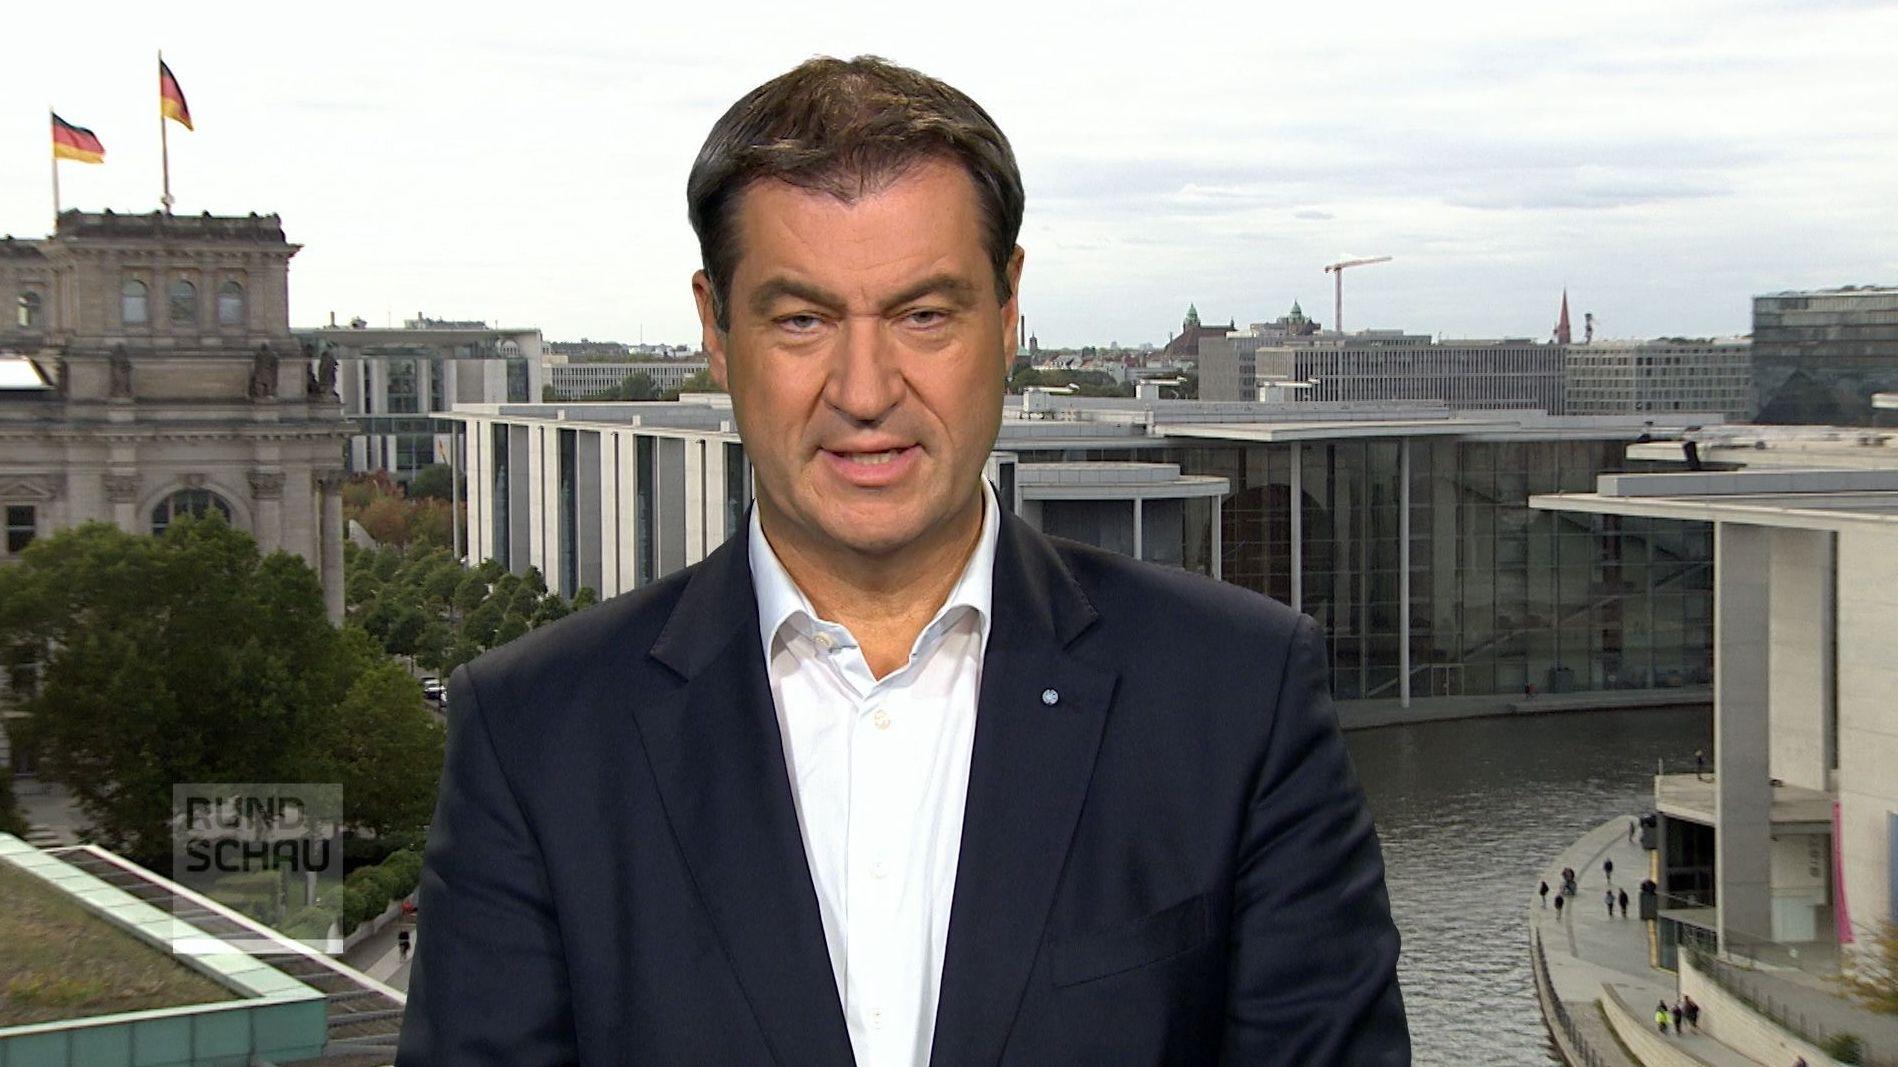 Ministerpräsident Markus Söder aus Berlin, im Hintergrund Bundestag und Spree